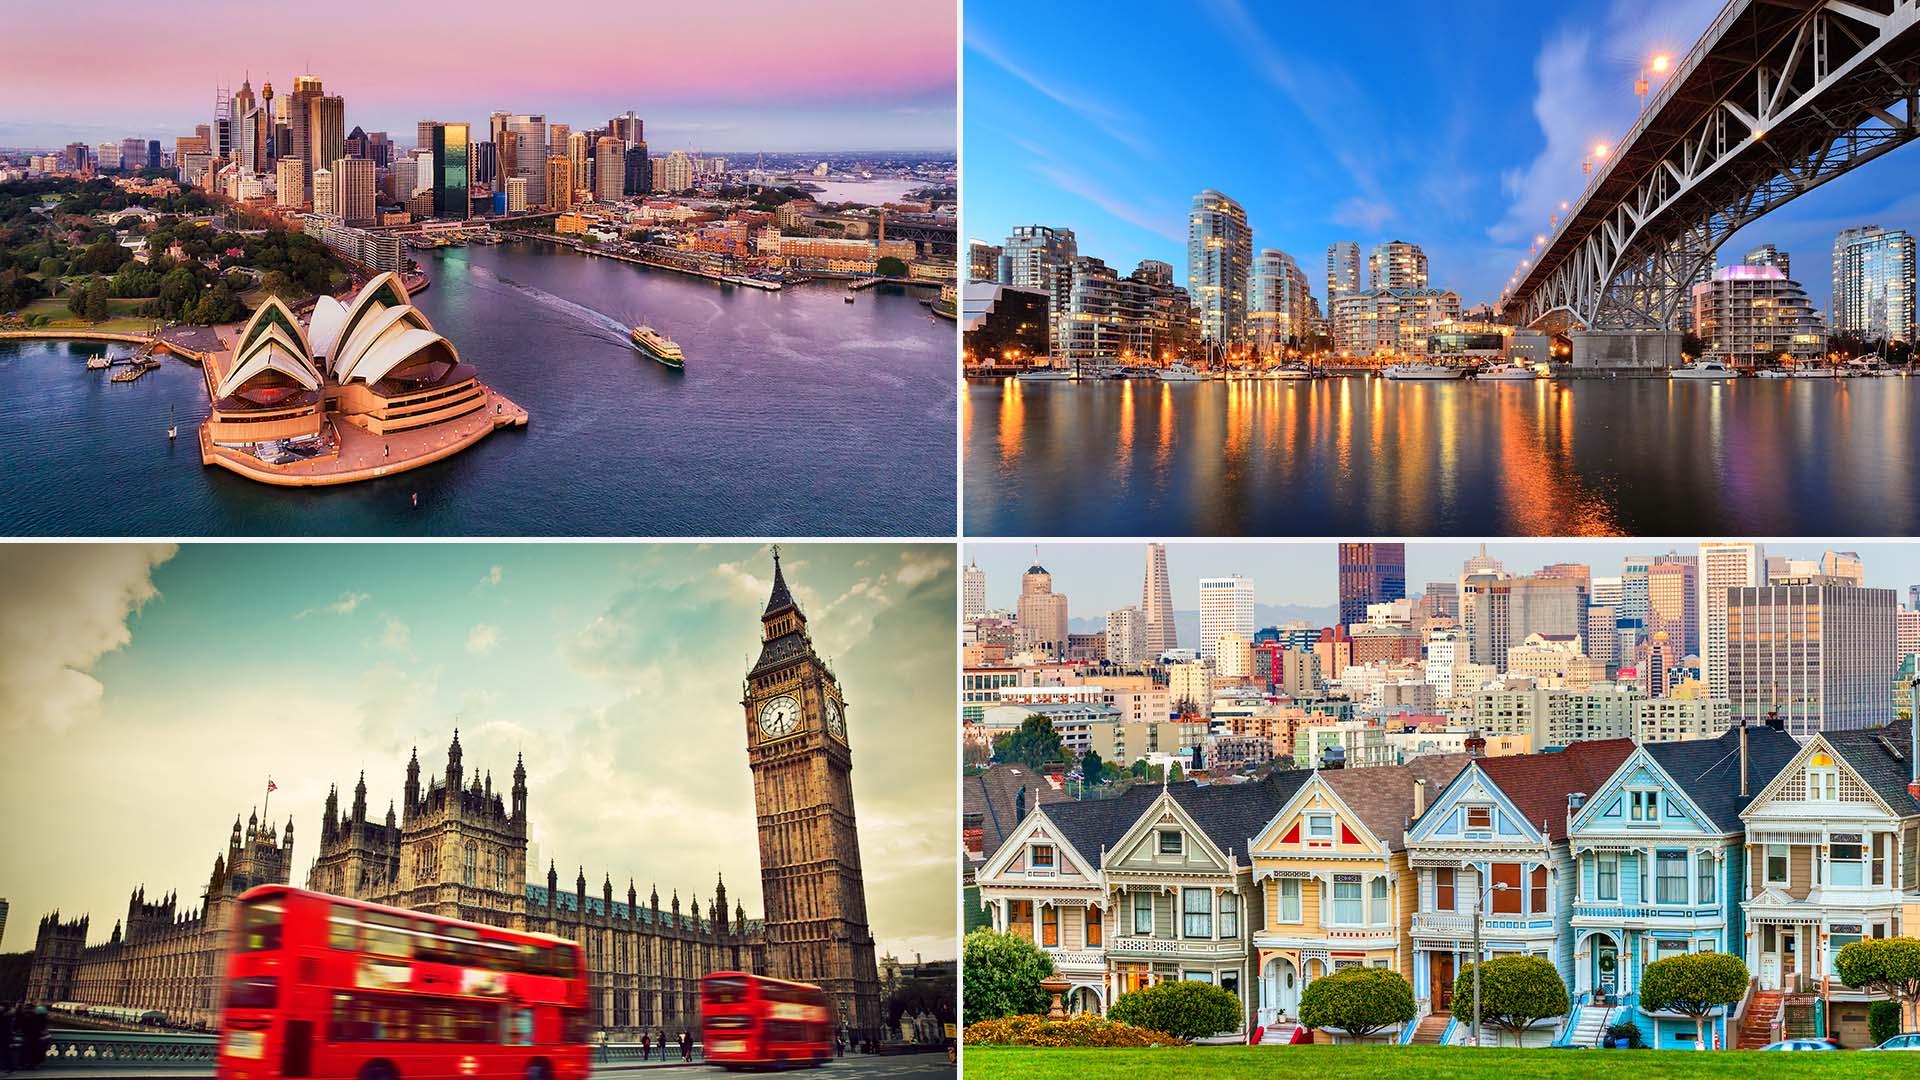 La 16ª Encuesta Anual de Demografía sobre la Asequibilidad de la Vivienda Internacional reveló las ciudades más caras para vivir en todo el mundo en 2020